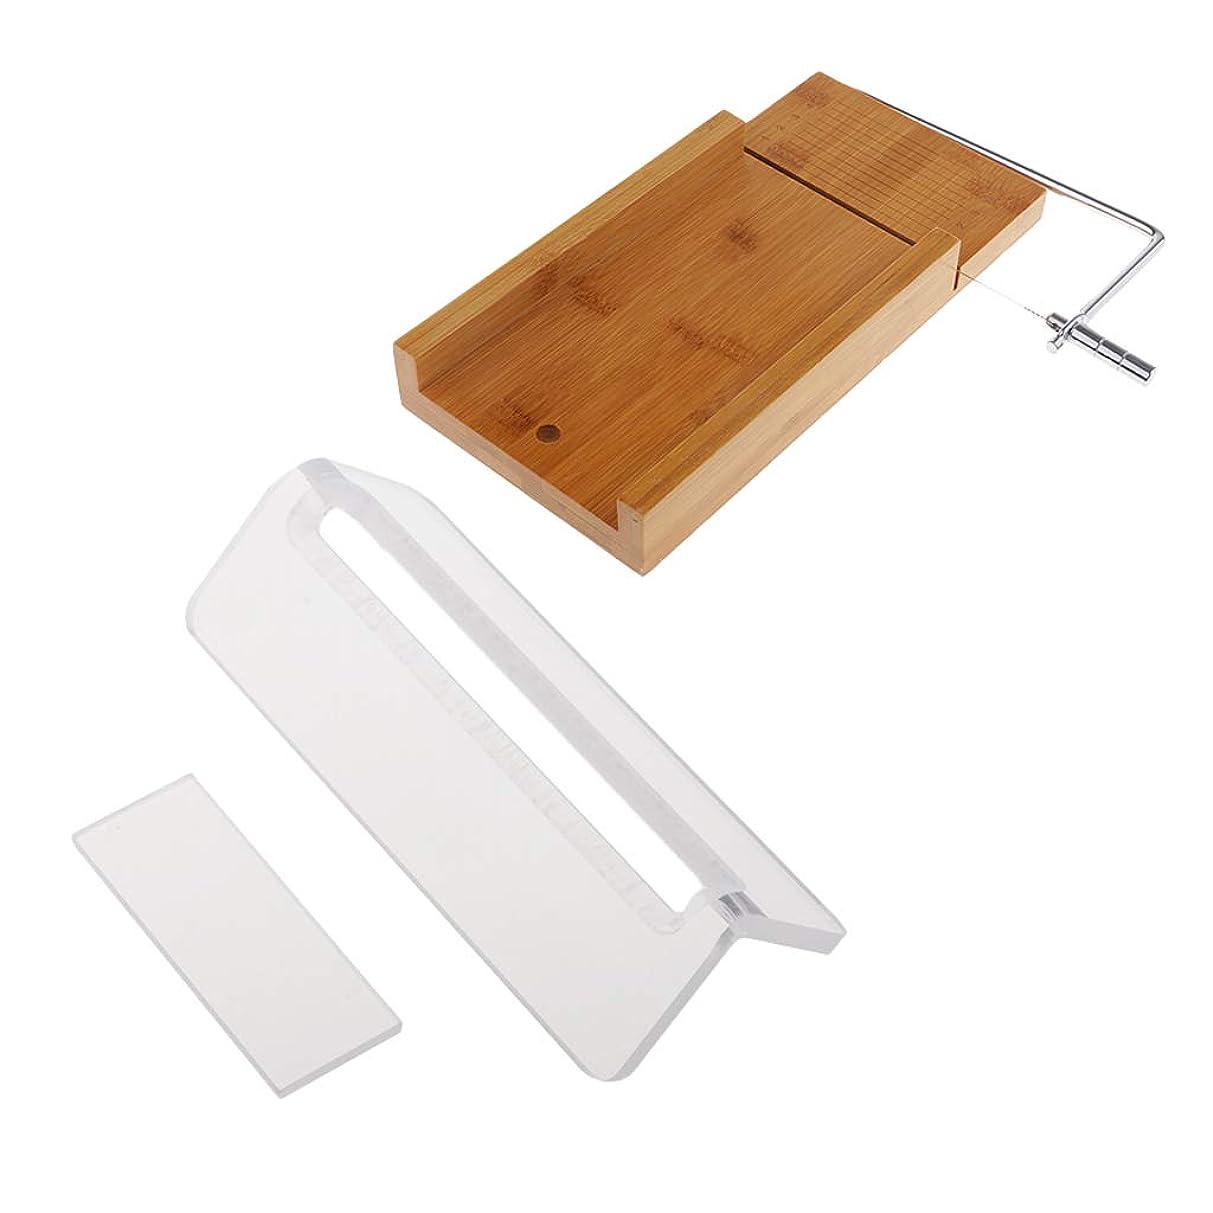 寺院低下プーノFLAMEER ローフカッター 木製 ソープ包丁 石鹸カッター 手作り石鹸 DIY キッチン用品 2個入り